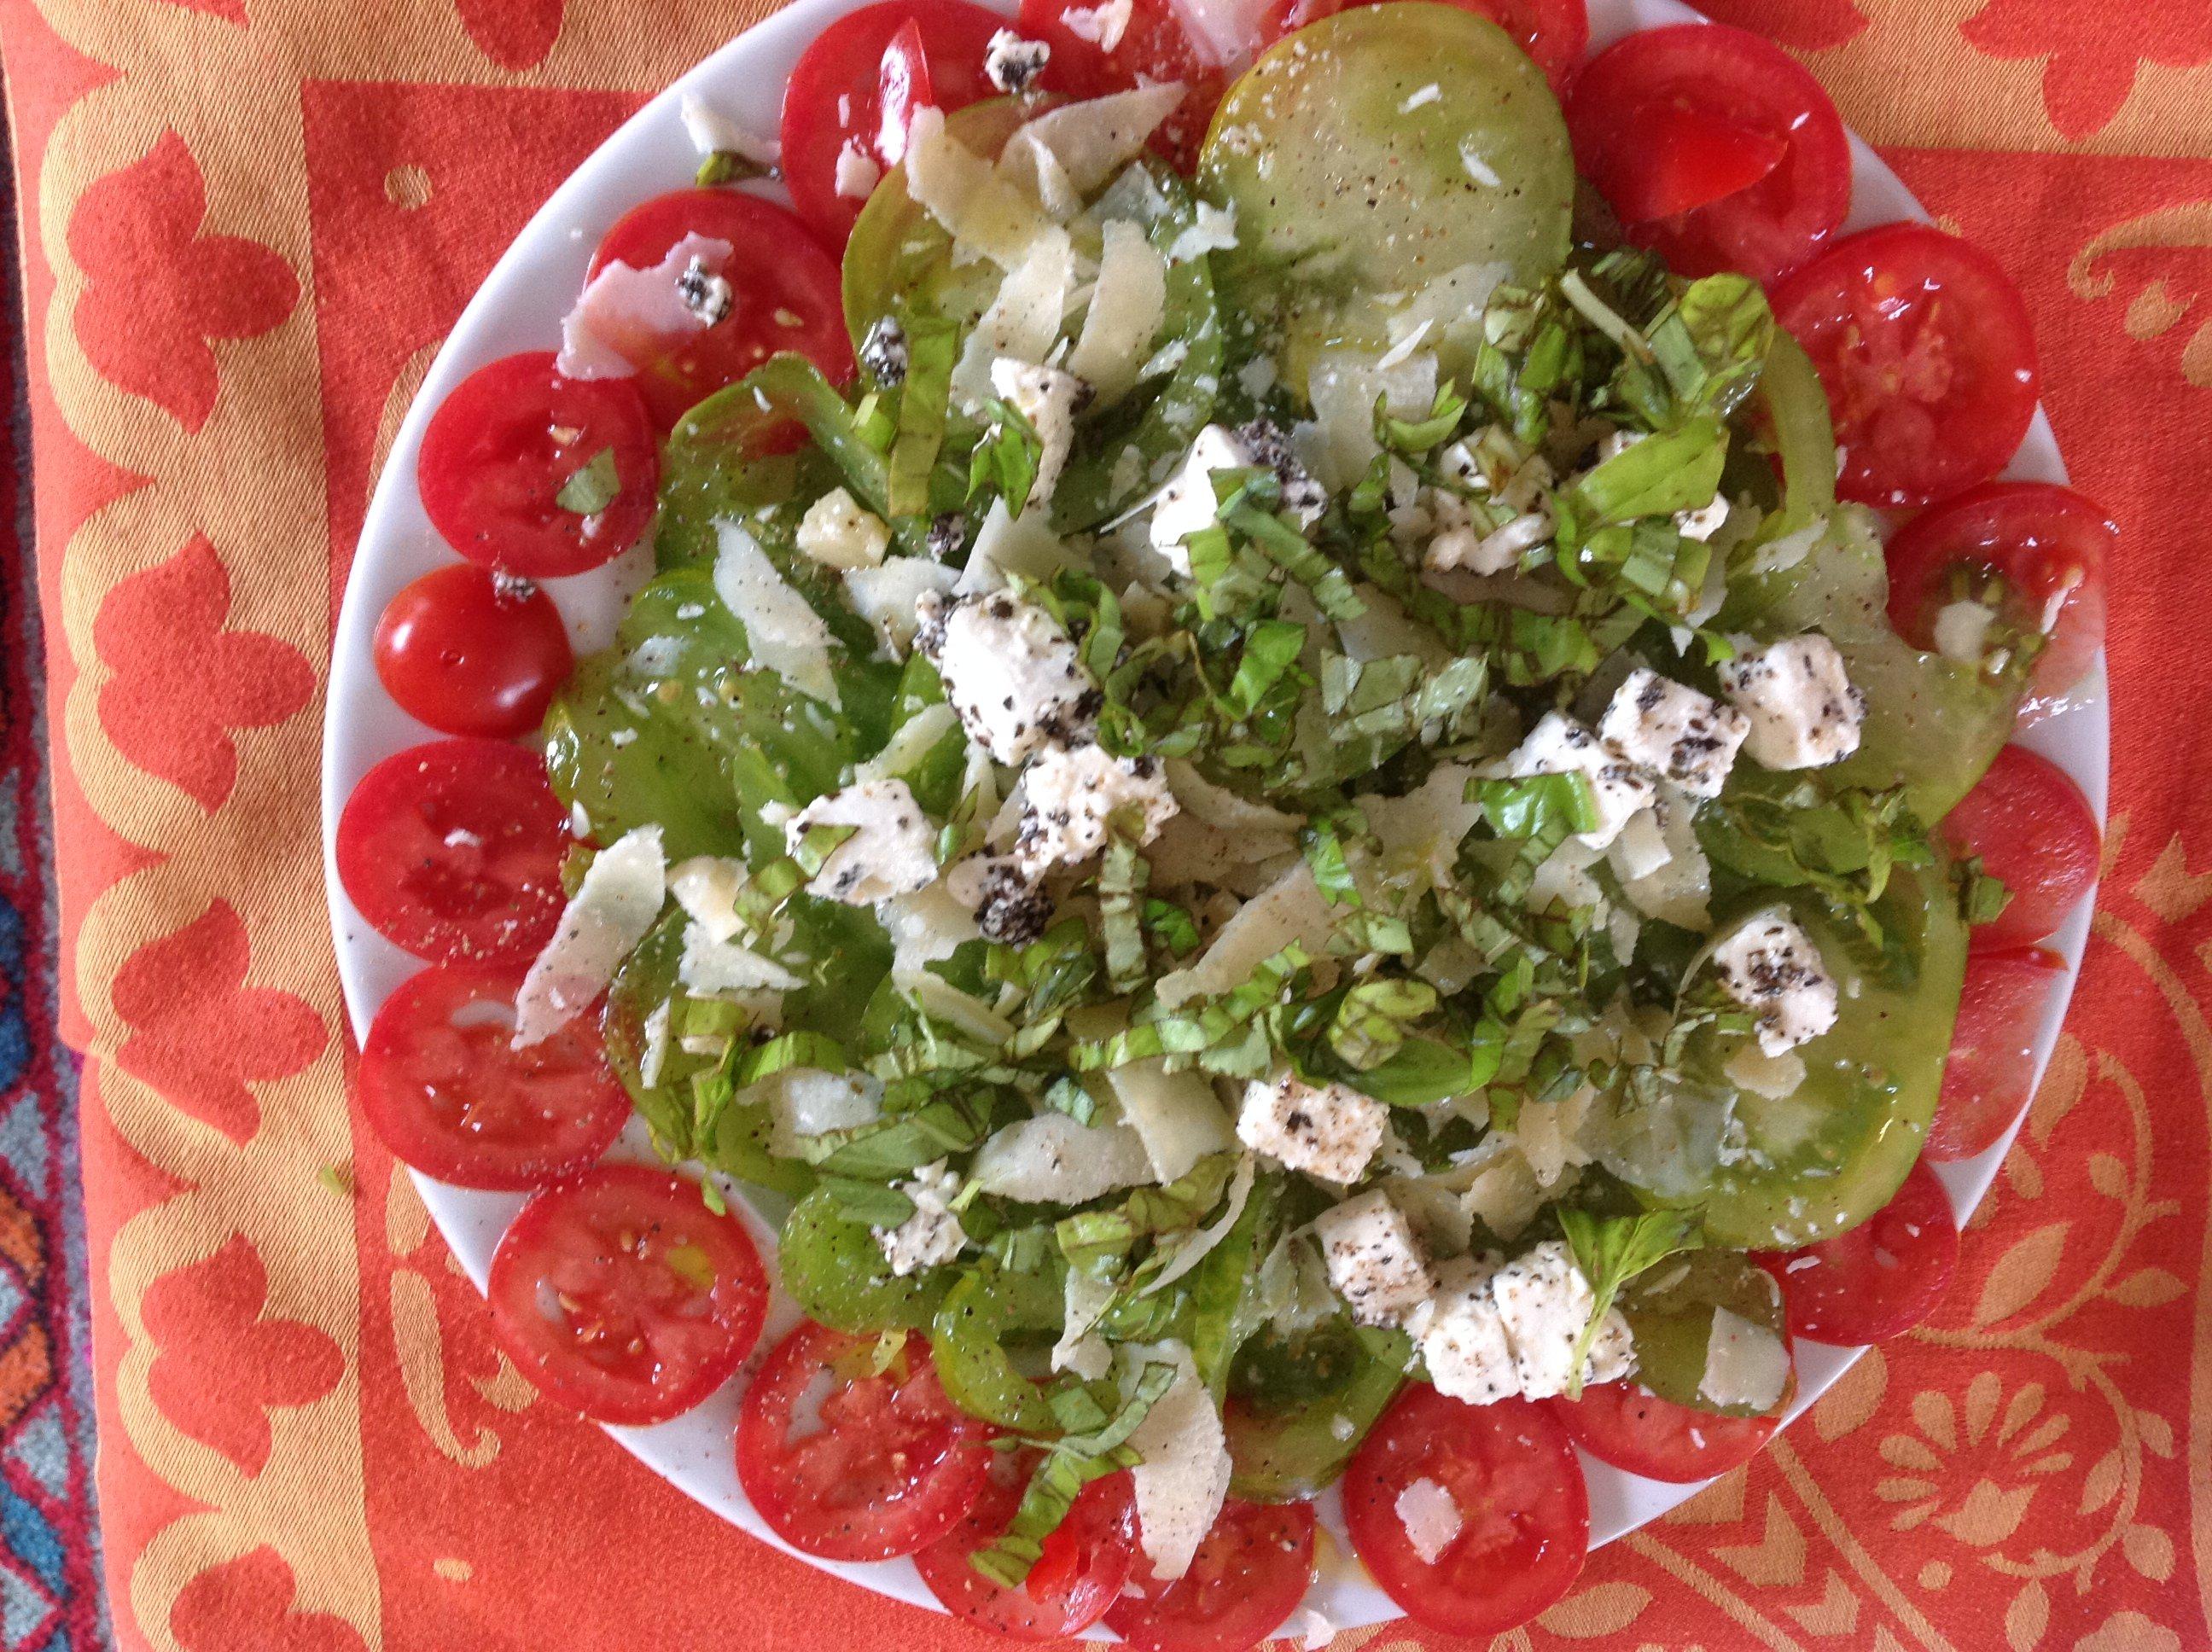 Salade toute simple il fait trop chaud pour cuisiner cuisinedamour - Salade de tomates simple ...